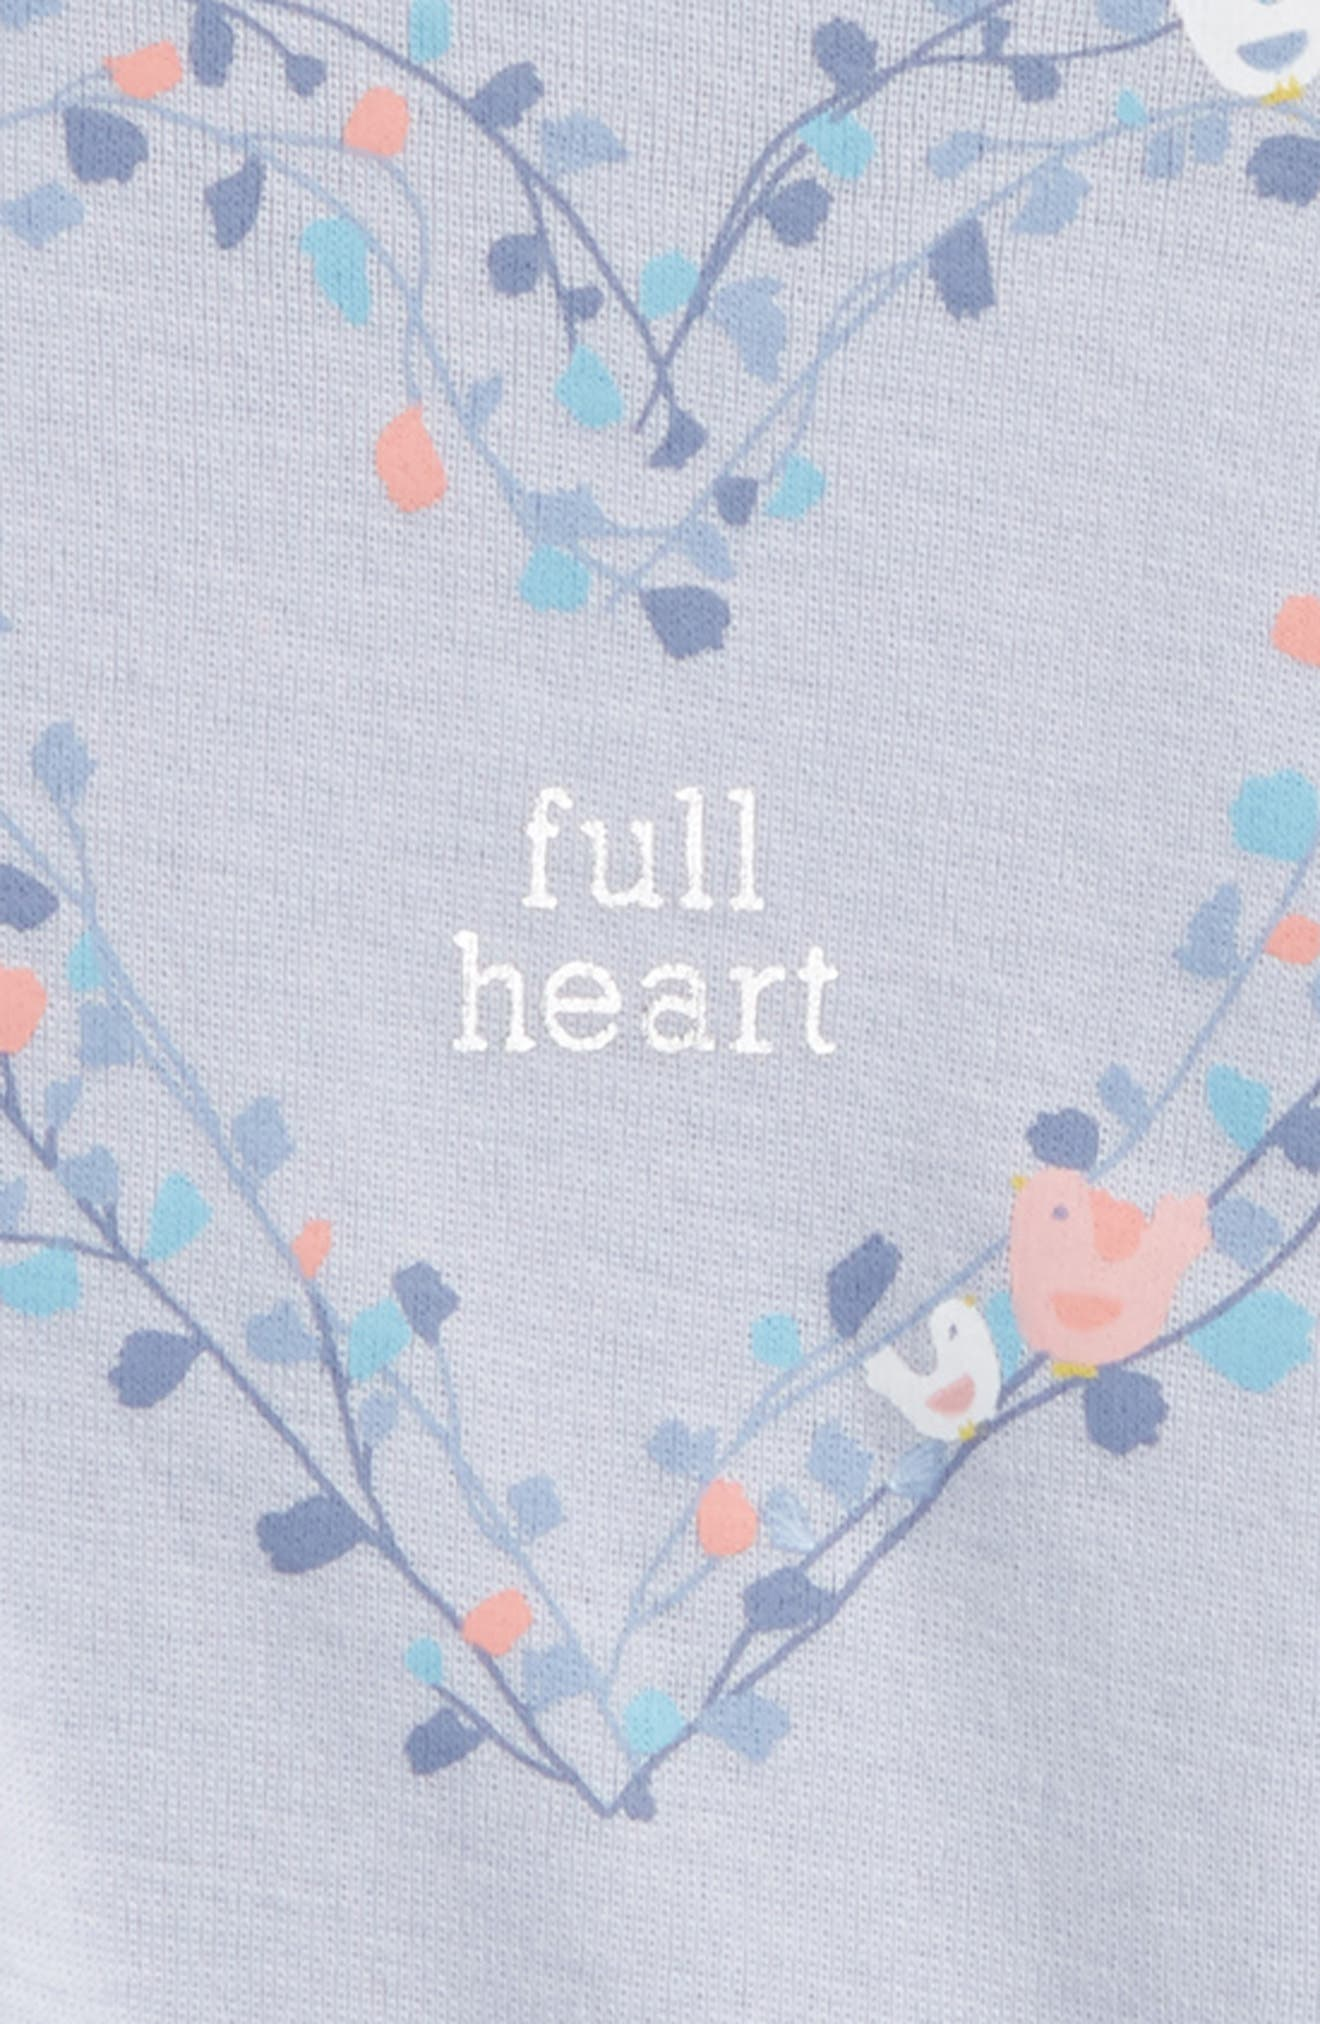 Alternate Image 2  - Peek Full Heart Tee (Baby Girls)